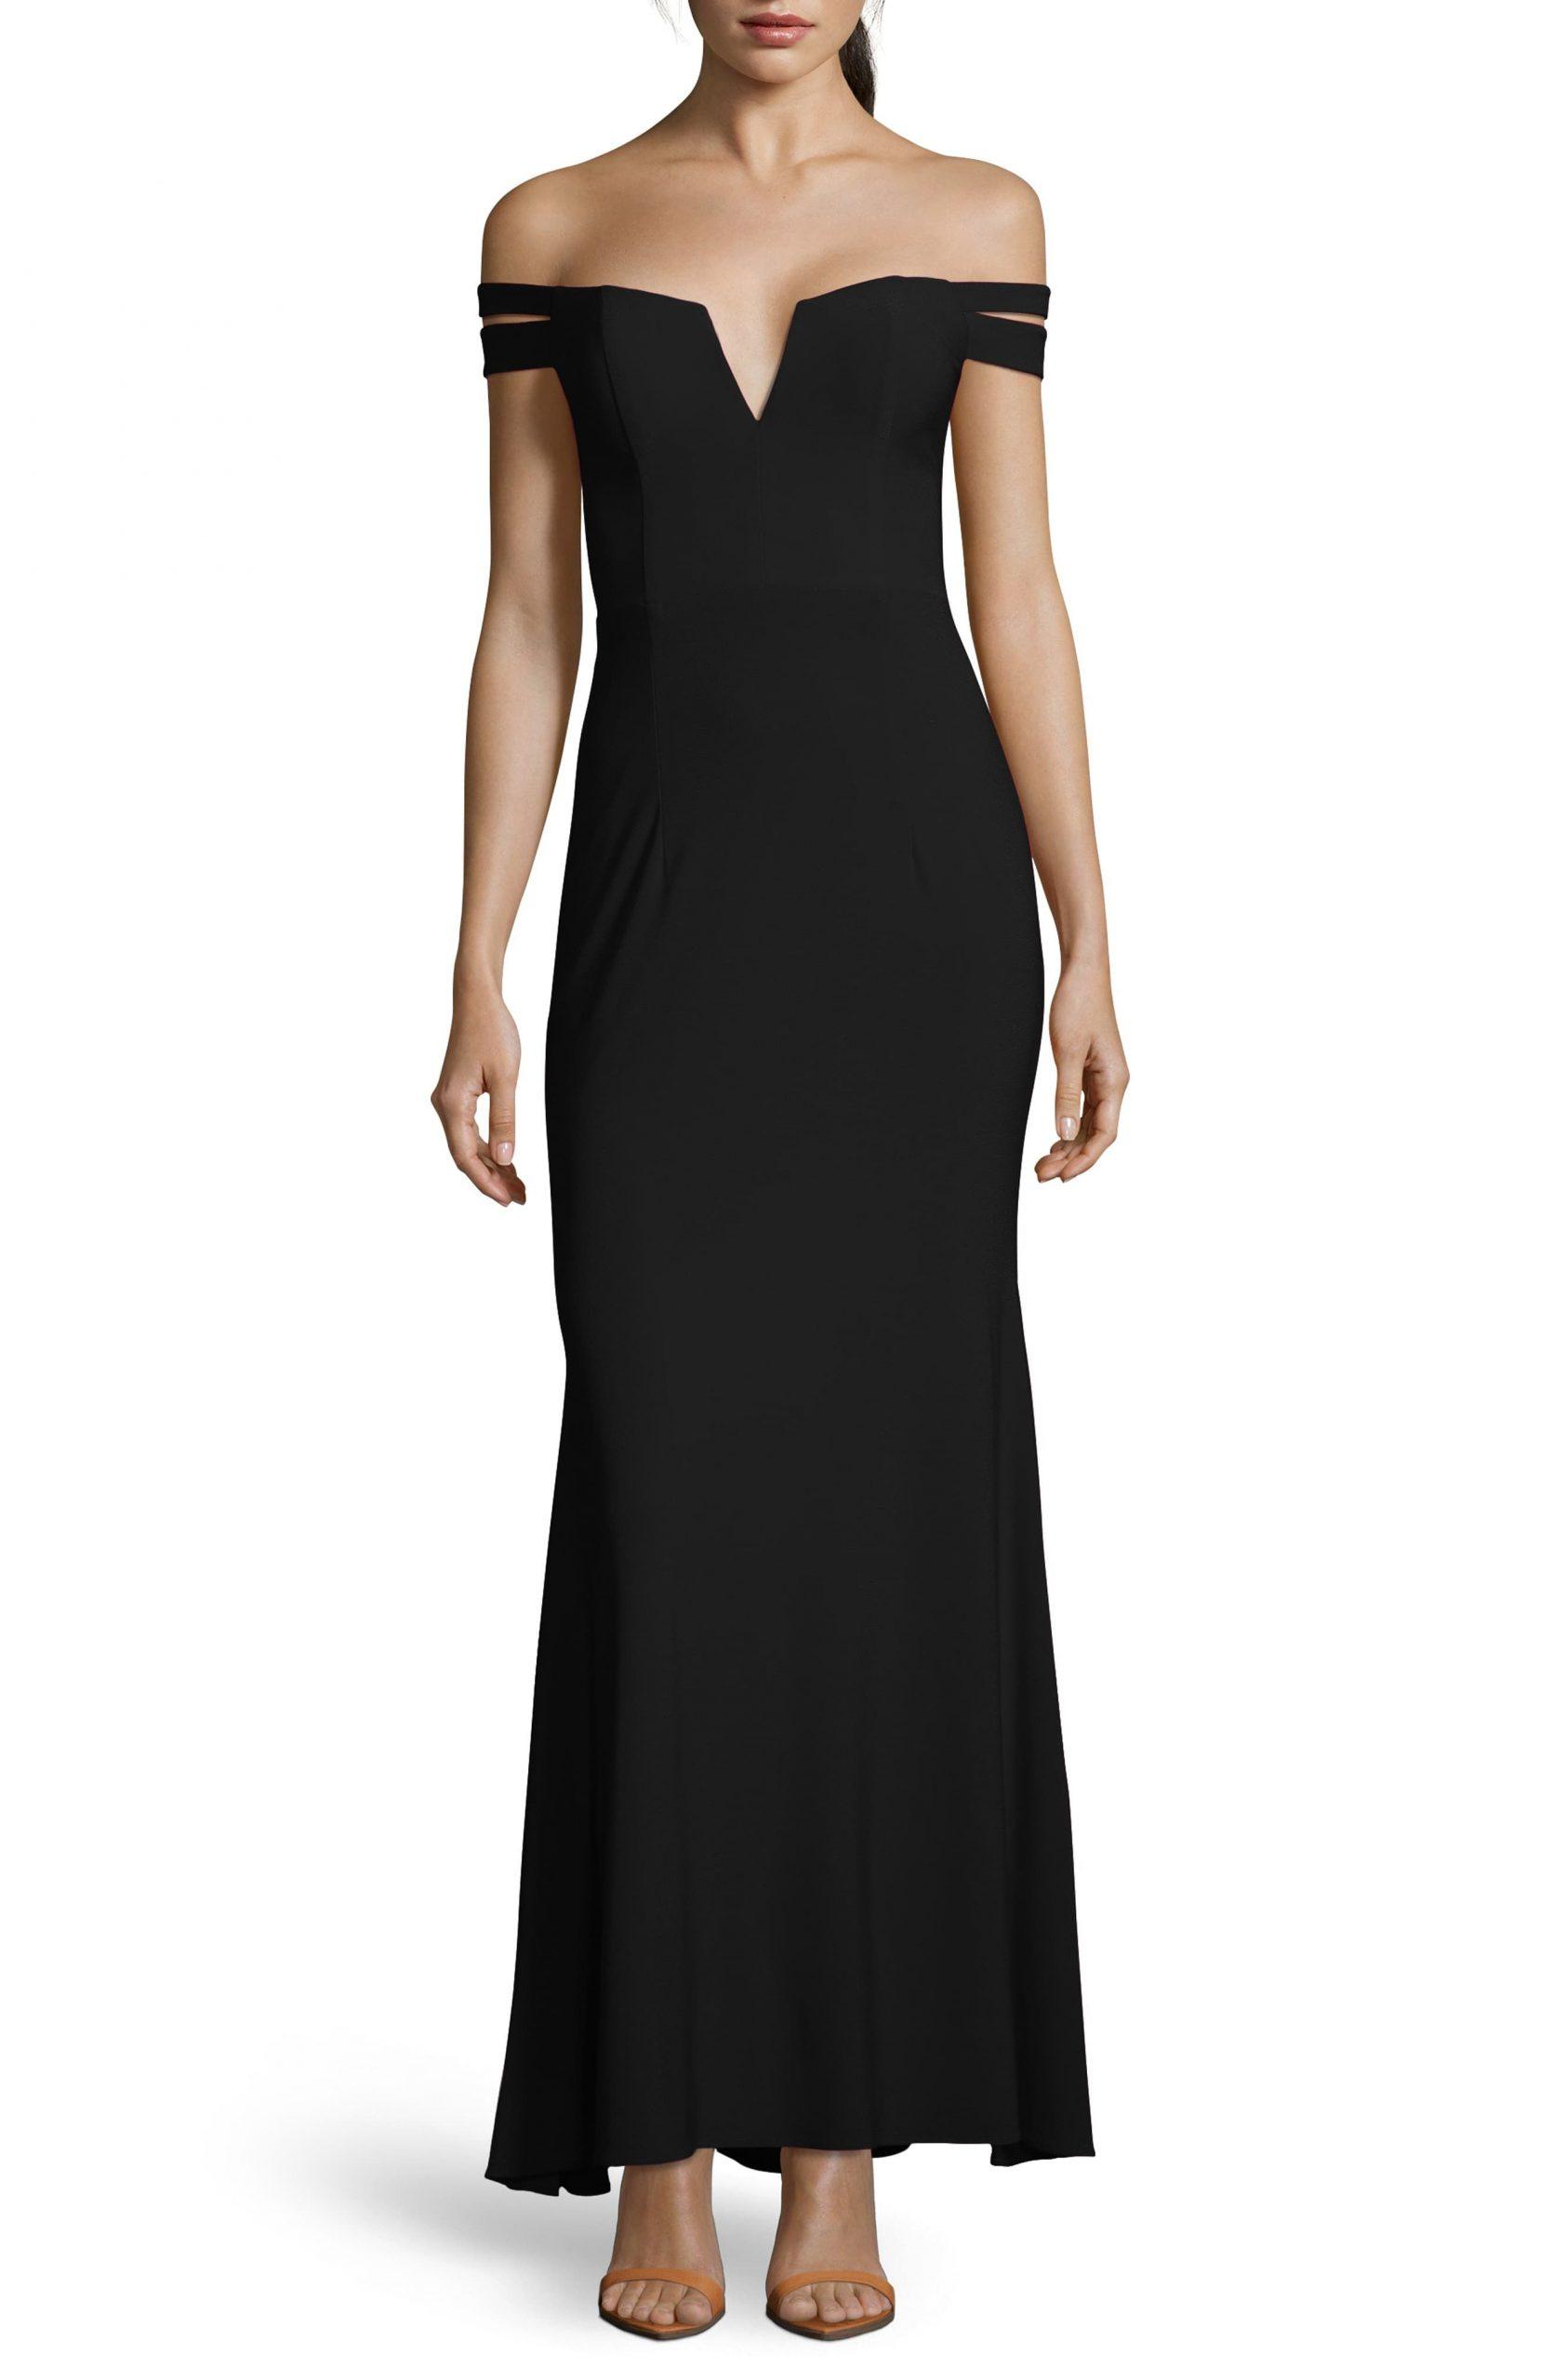 15 Erstaunlich Xscape Abendkleid Boutique Elegant Xscape Abendkleid Boutique